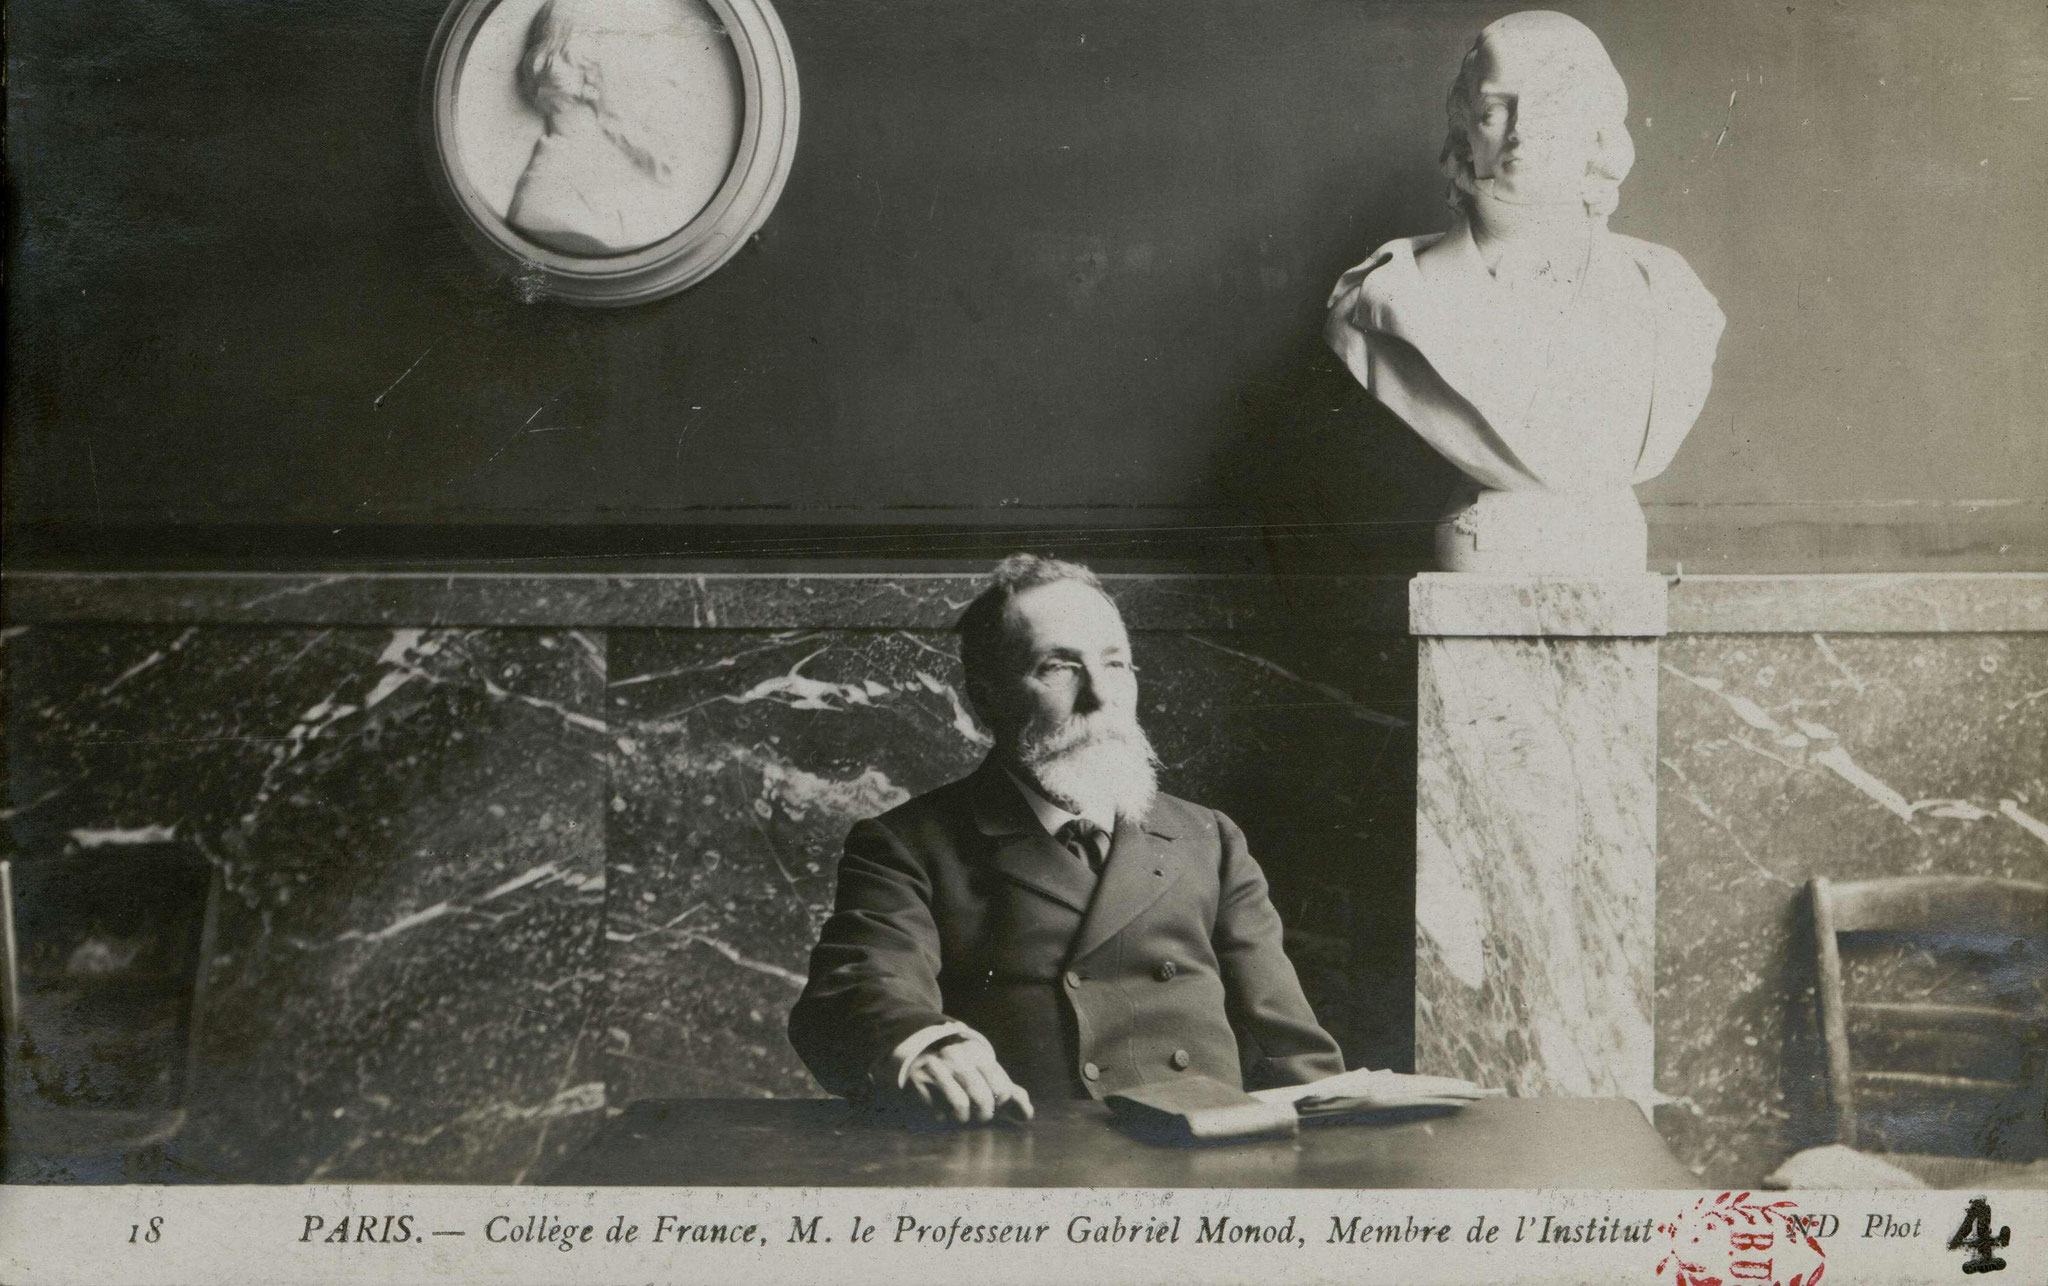 Gabriel Monod